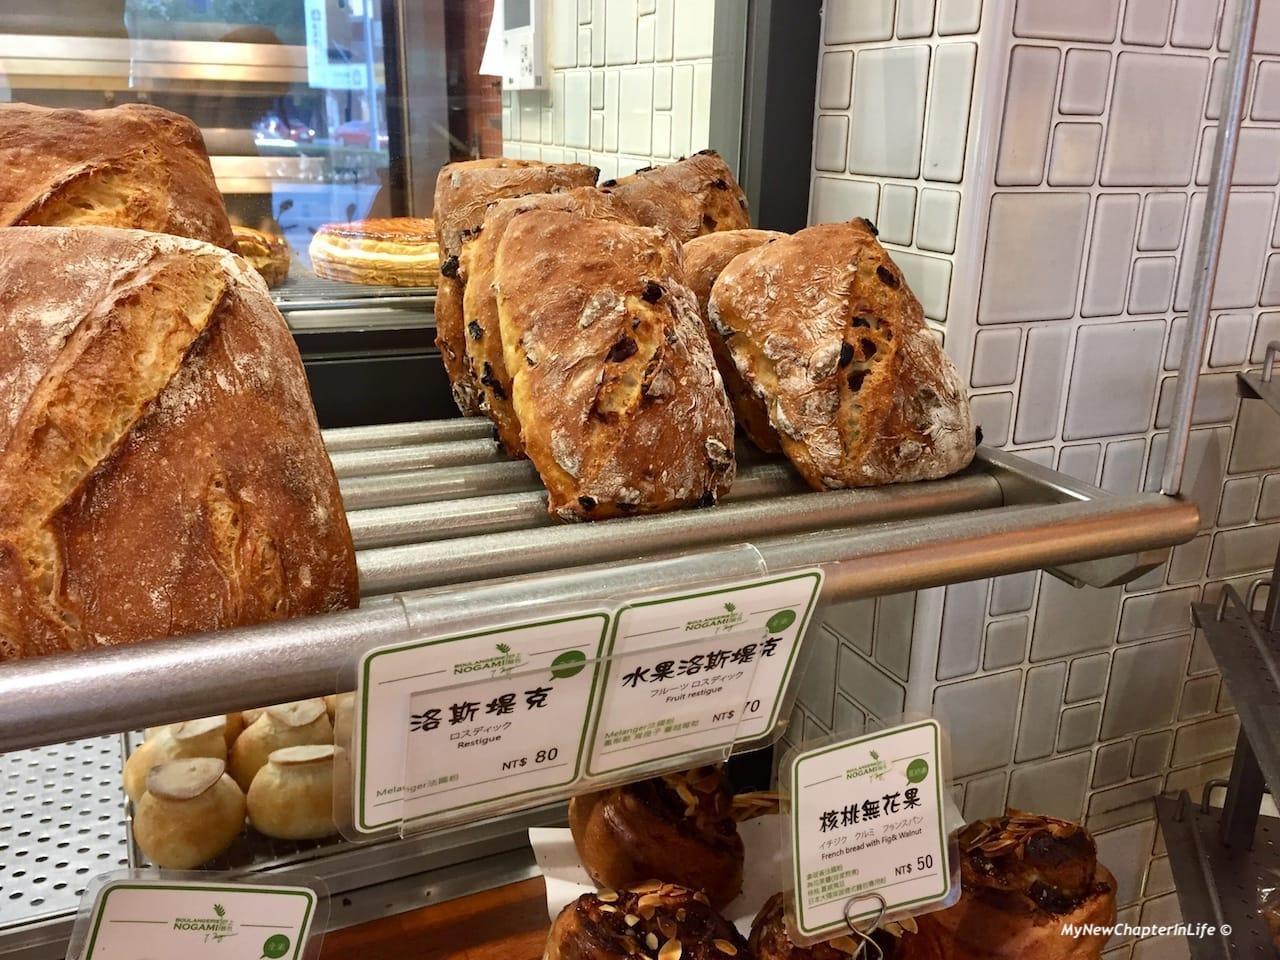 堅果、乾菓麵包 Dried nuts and fruit breads